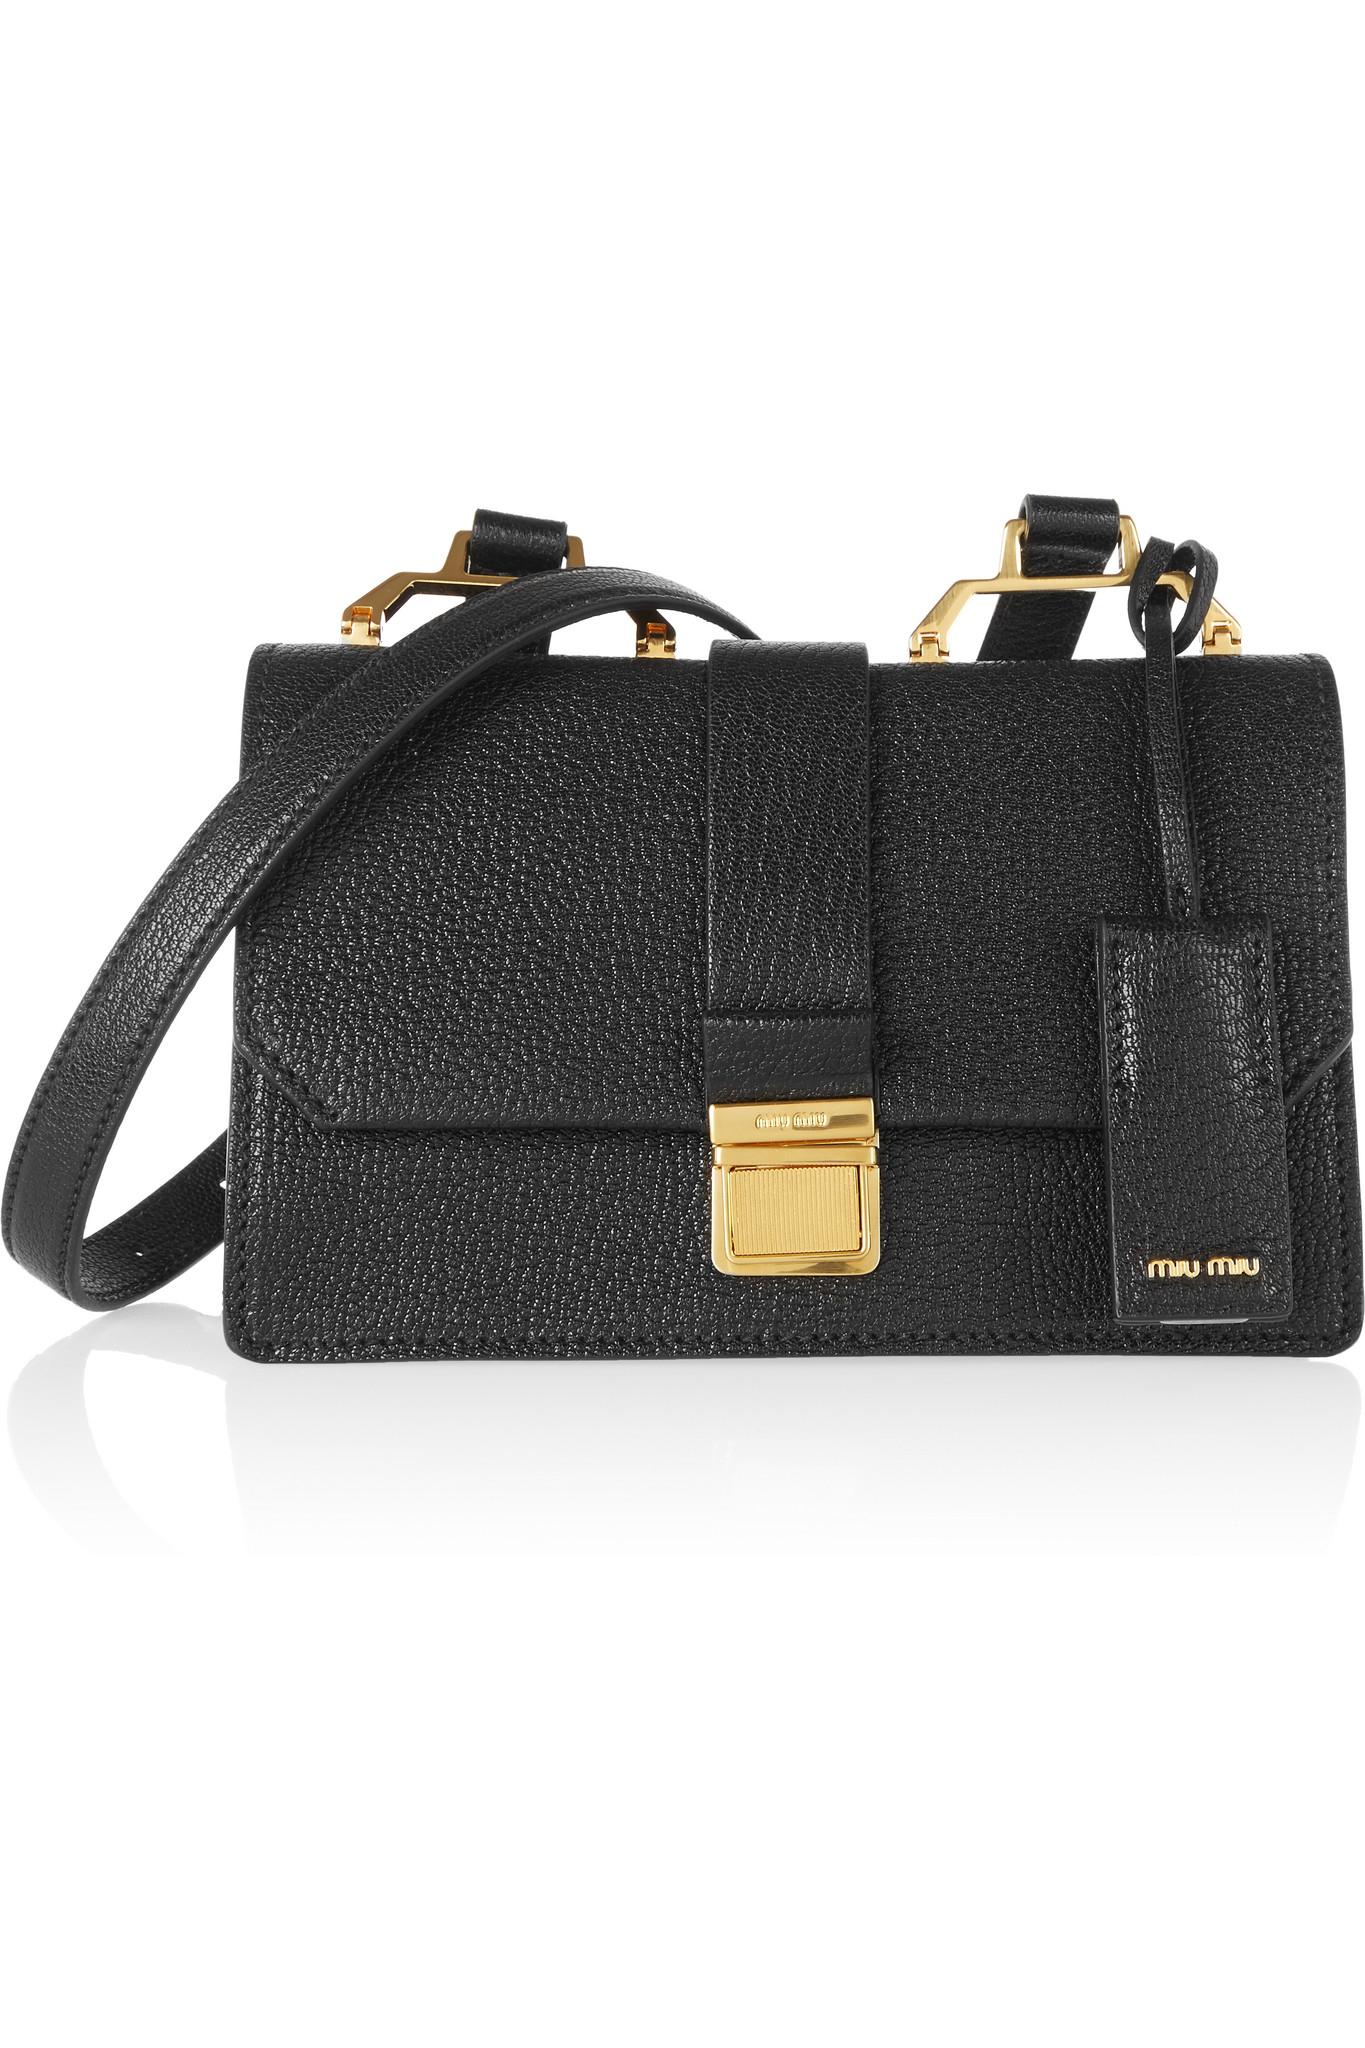 b84b12fd958 Lyst - Miu Miu Madras Small Textured-leather Shoulder Bag in Black